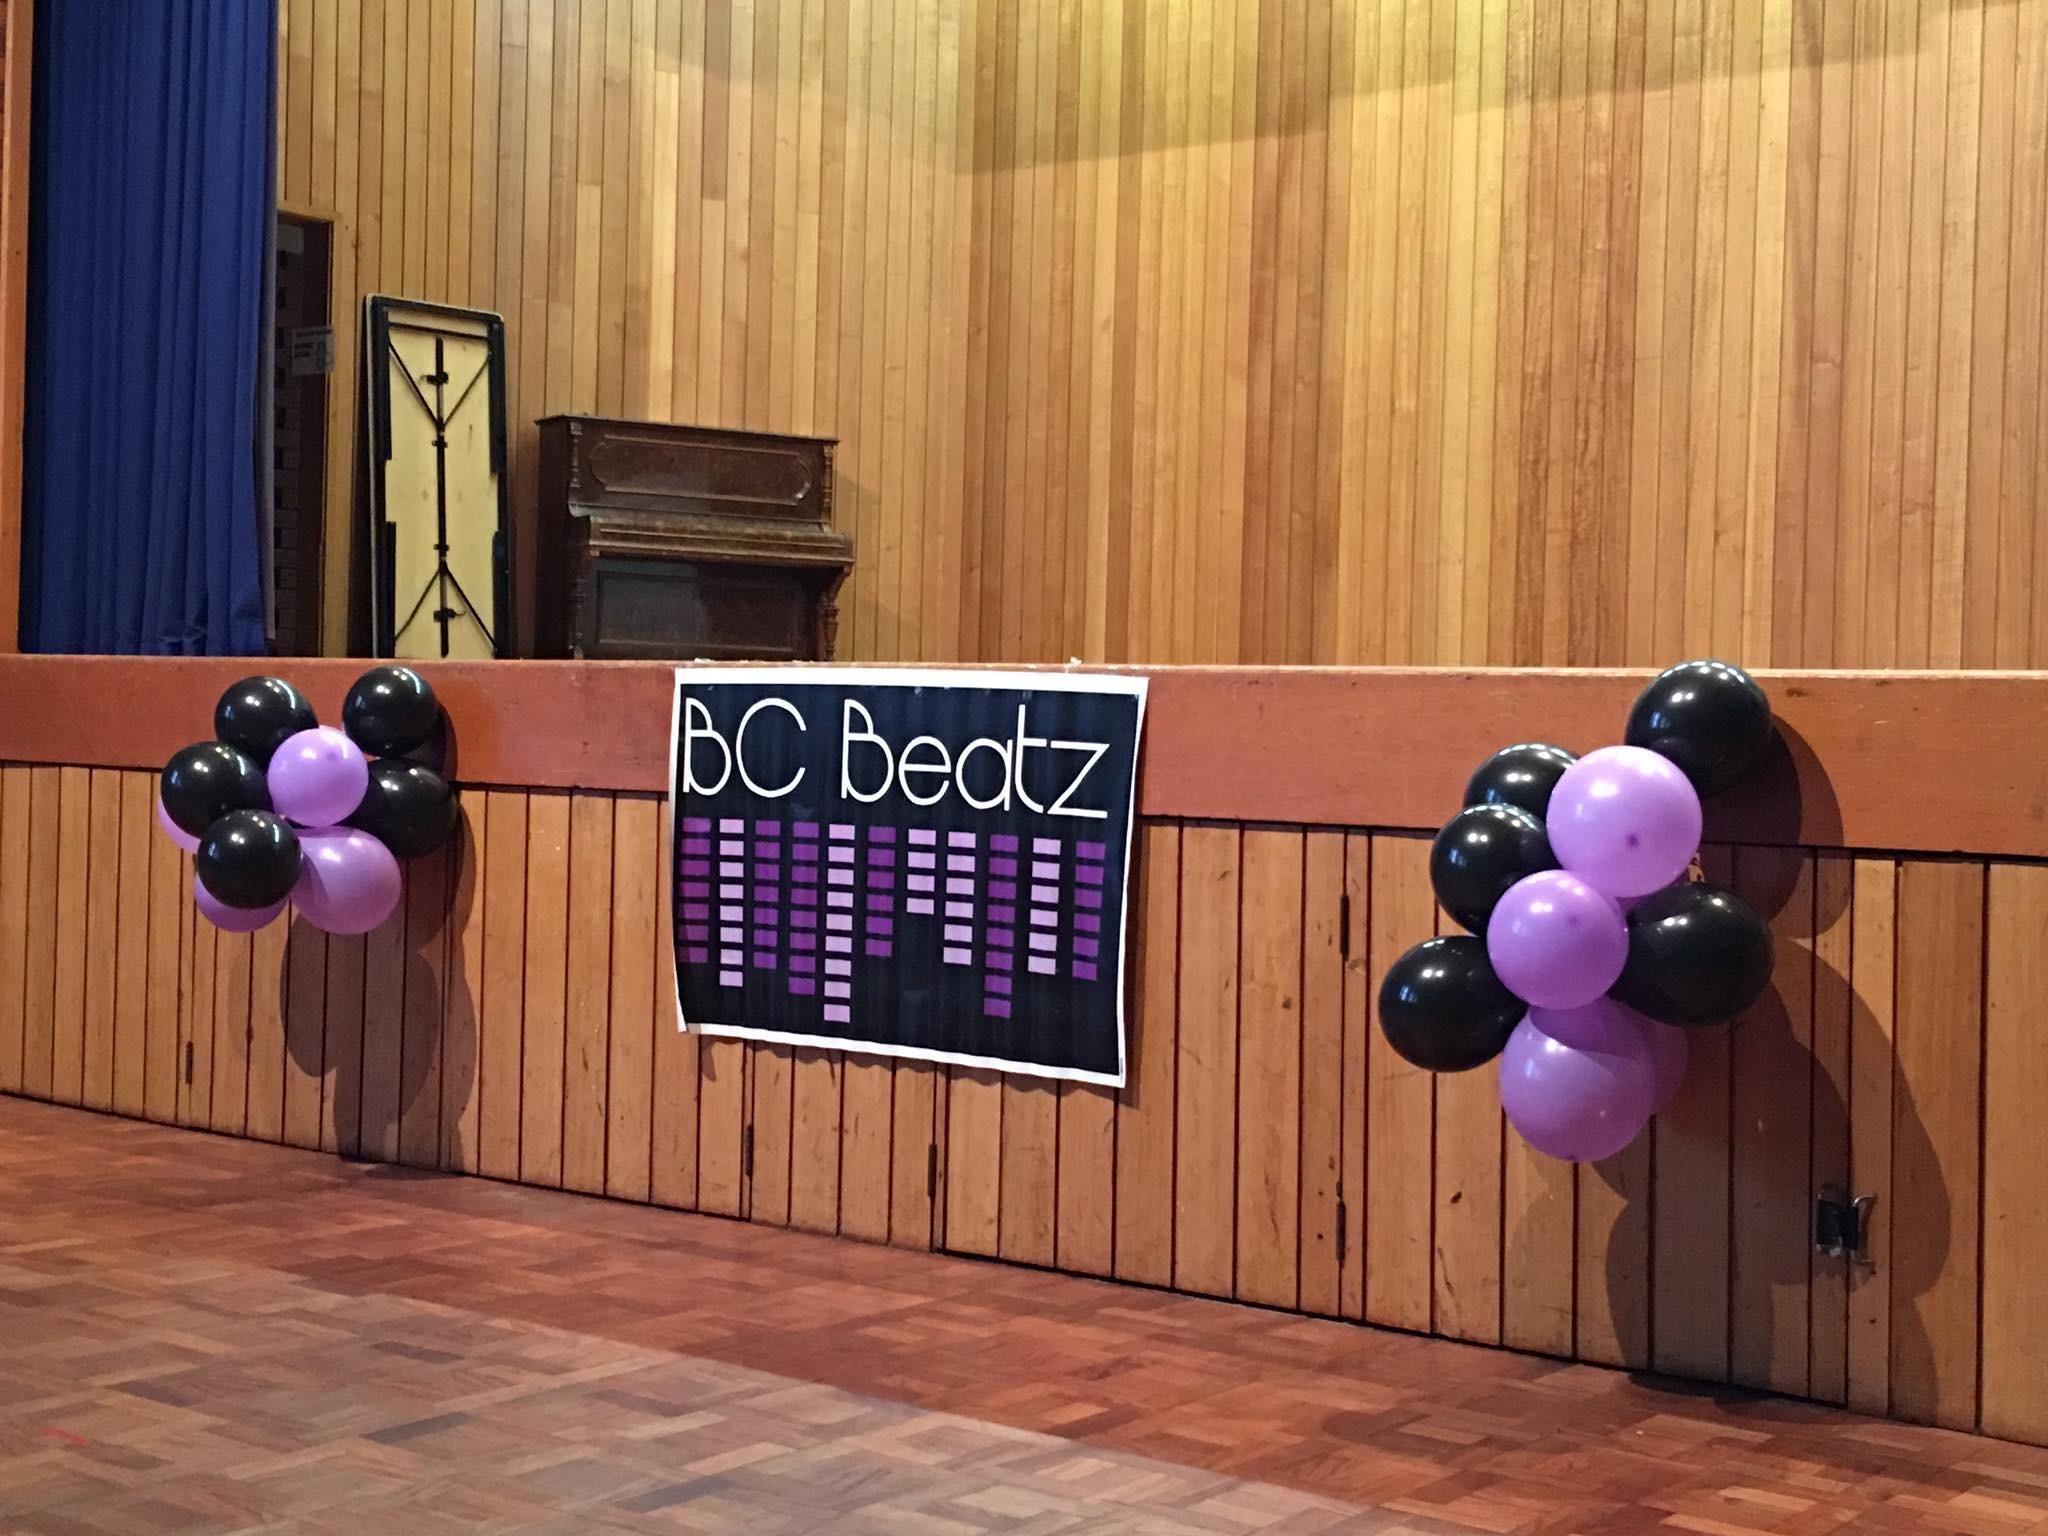 BC Beatz